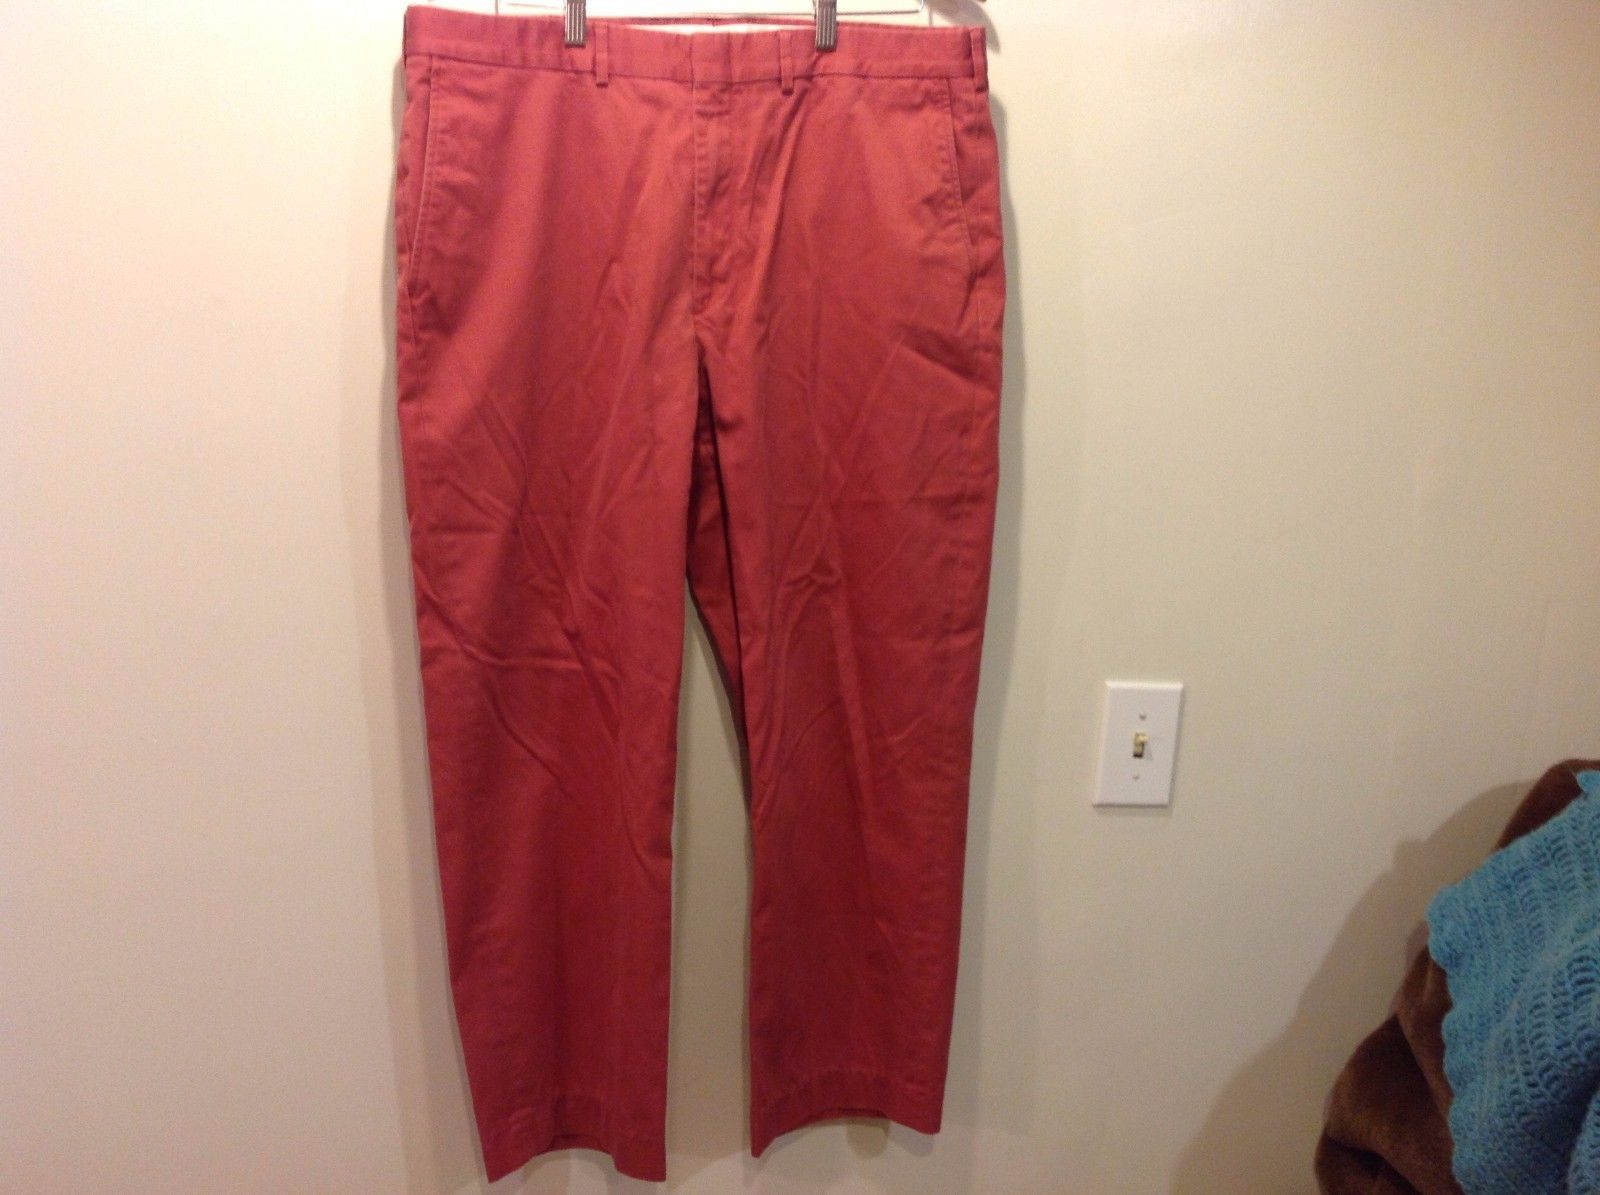 Lands End Red Casual Slacks Pants Mens